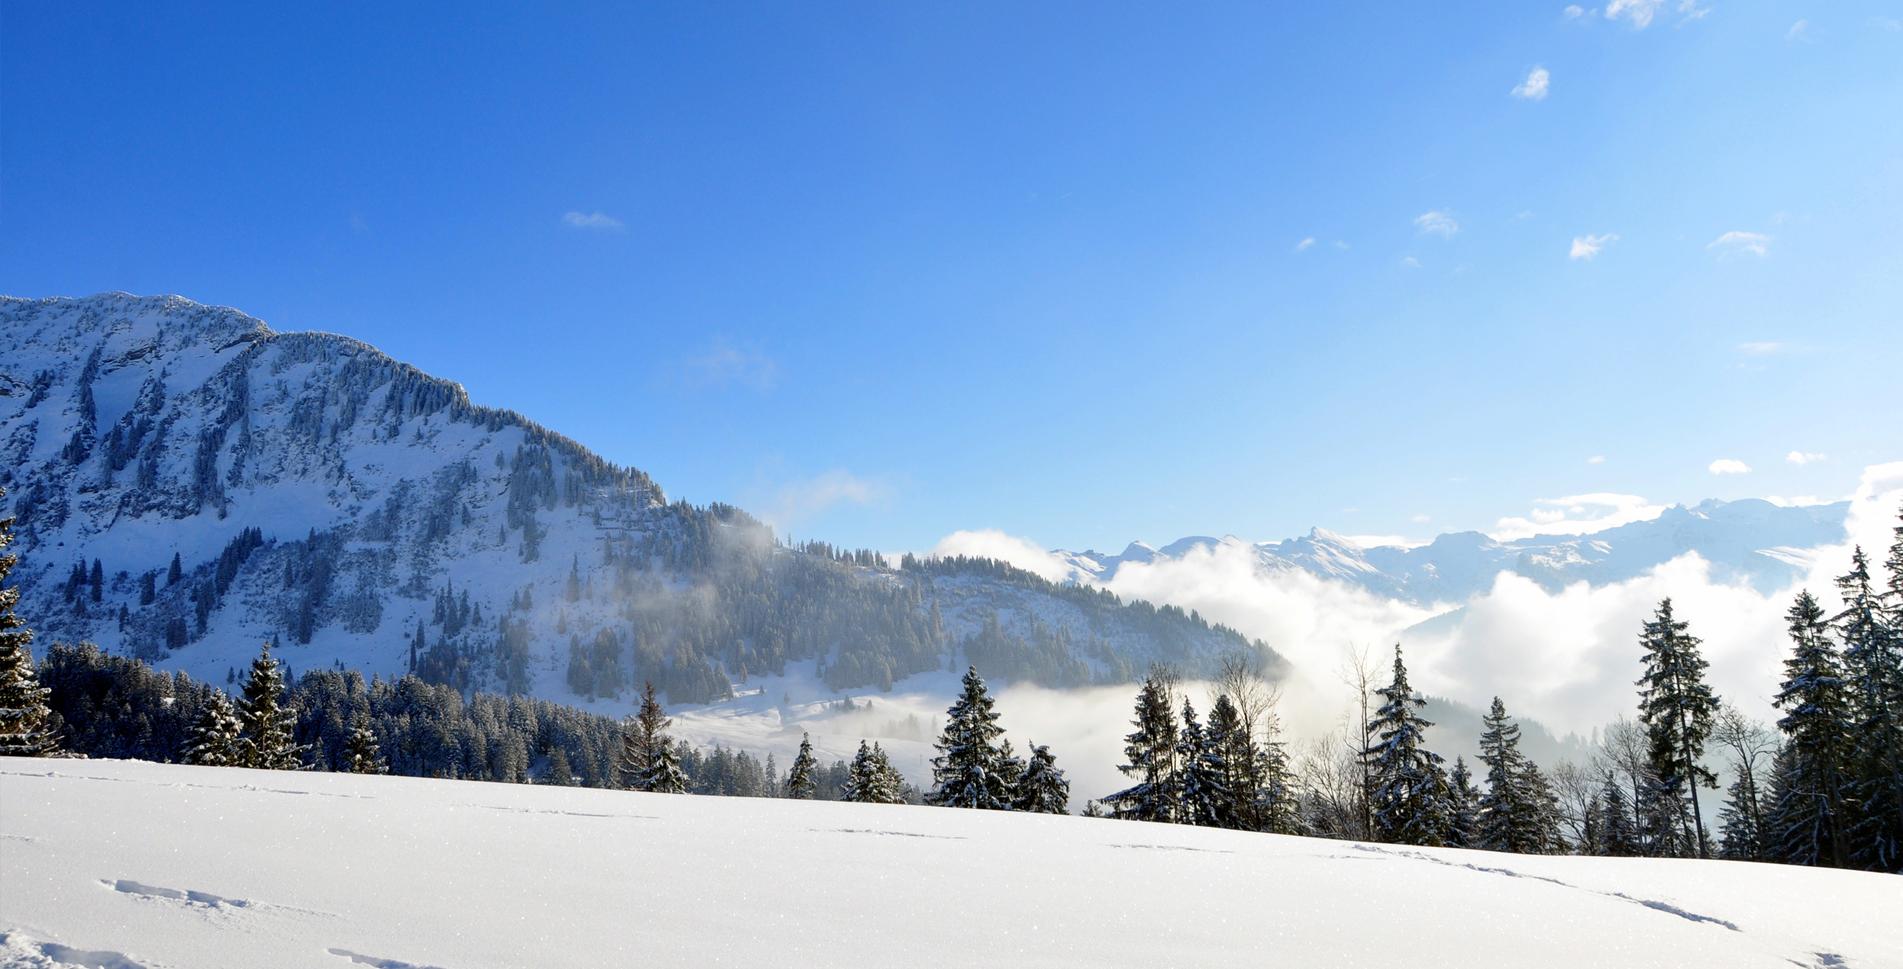 Schneeschuh-Rundtour auf der Sonnenterrasse Amden von Arvenbüel auf dem Egg Schneeschuh-Trail auf dieEgg mit einmaliger Aussicht auf die Glarner Alpen.